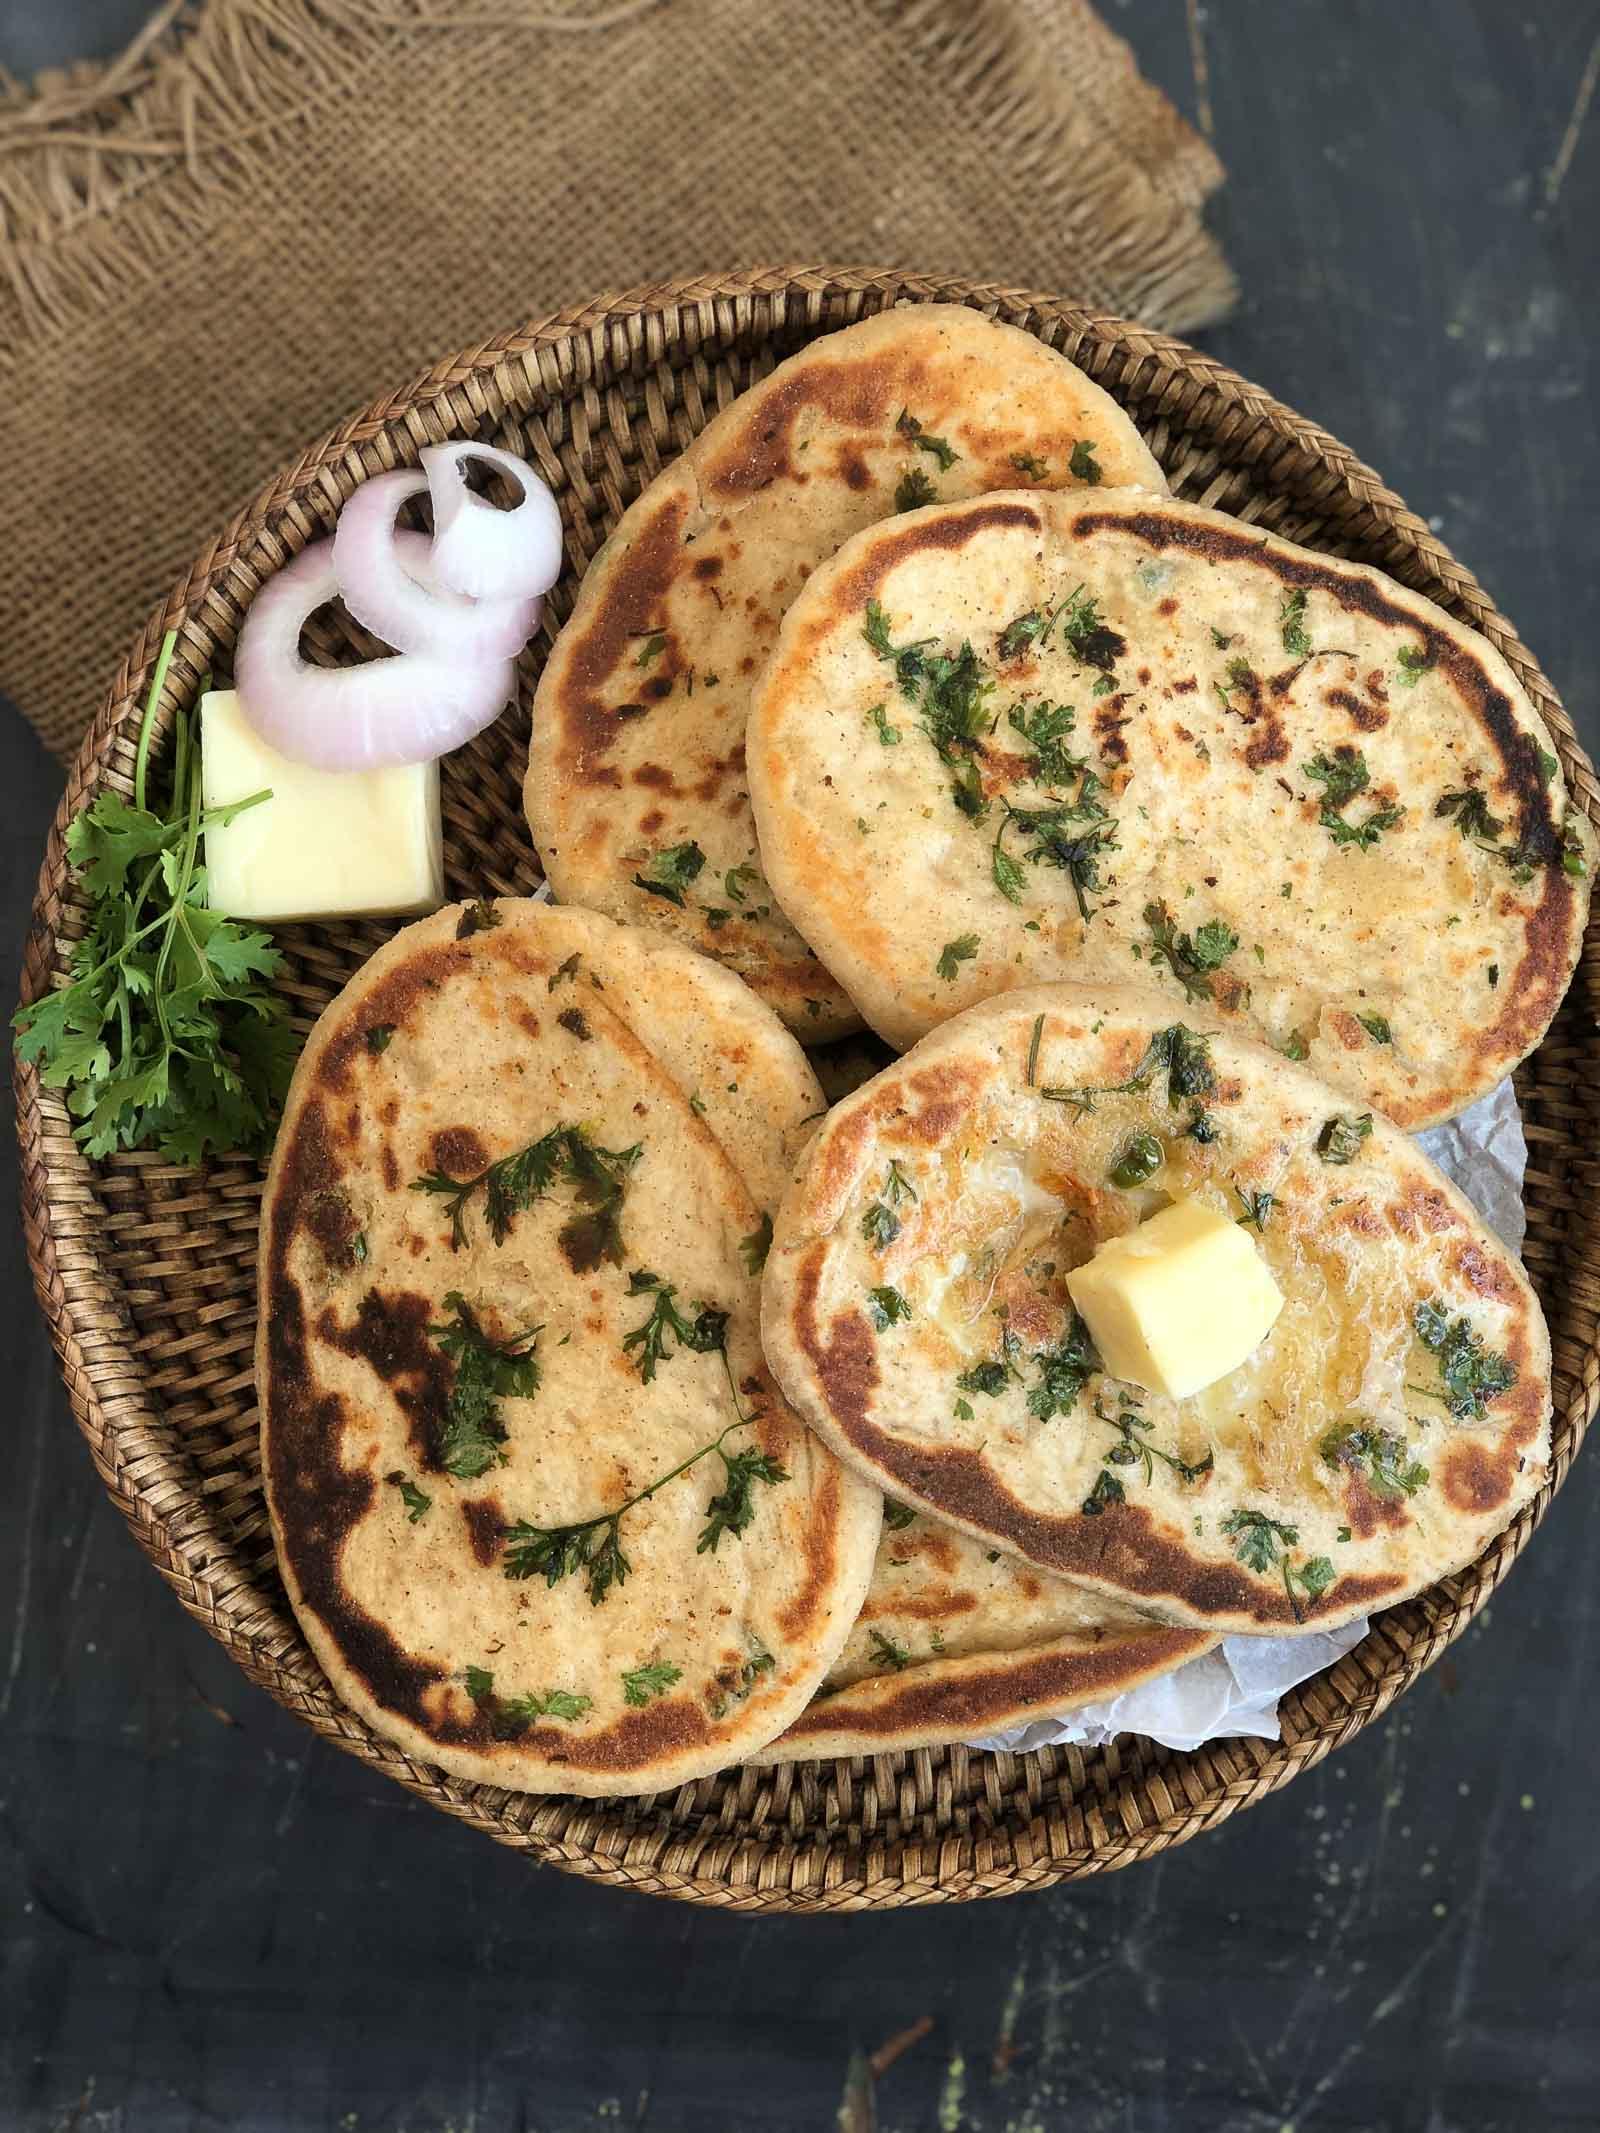 Chilli Cheese Stuffed Kulcha Recipe By Archana S Kitchen